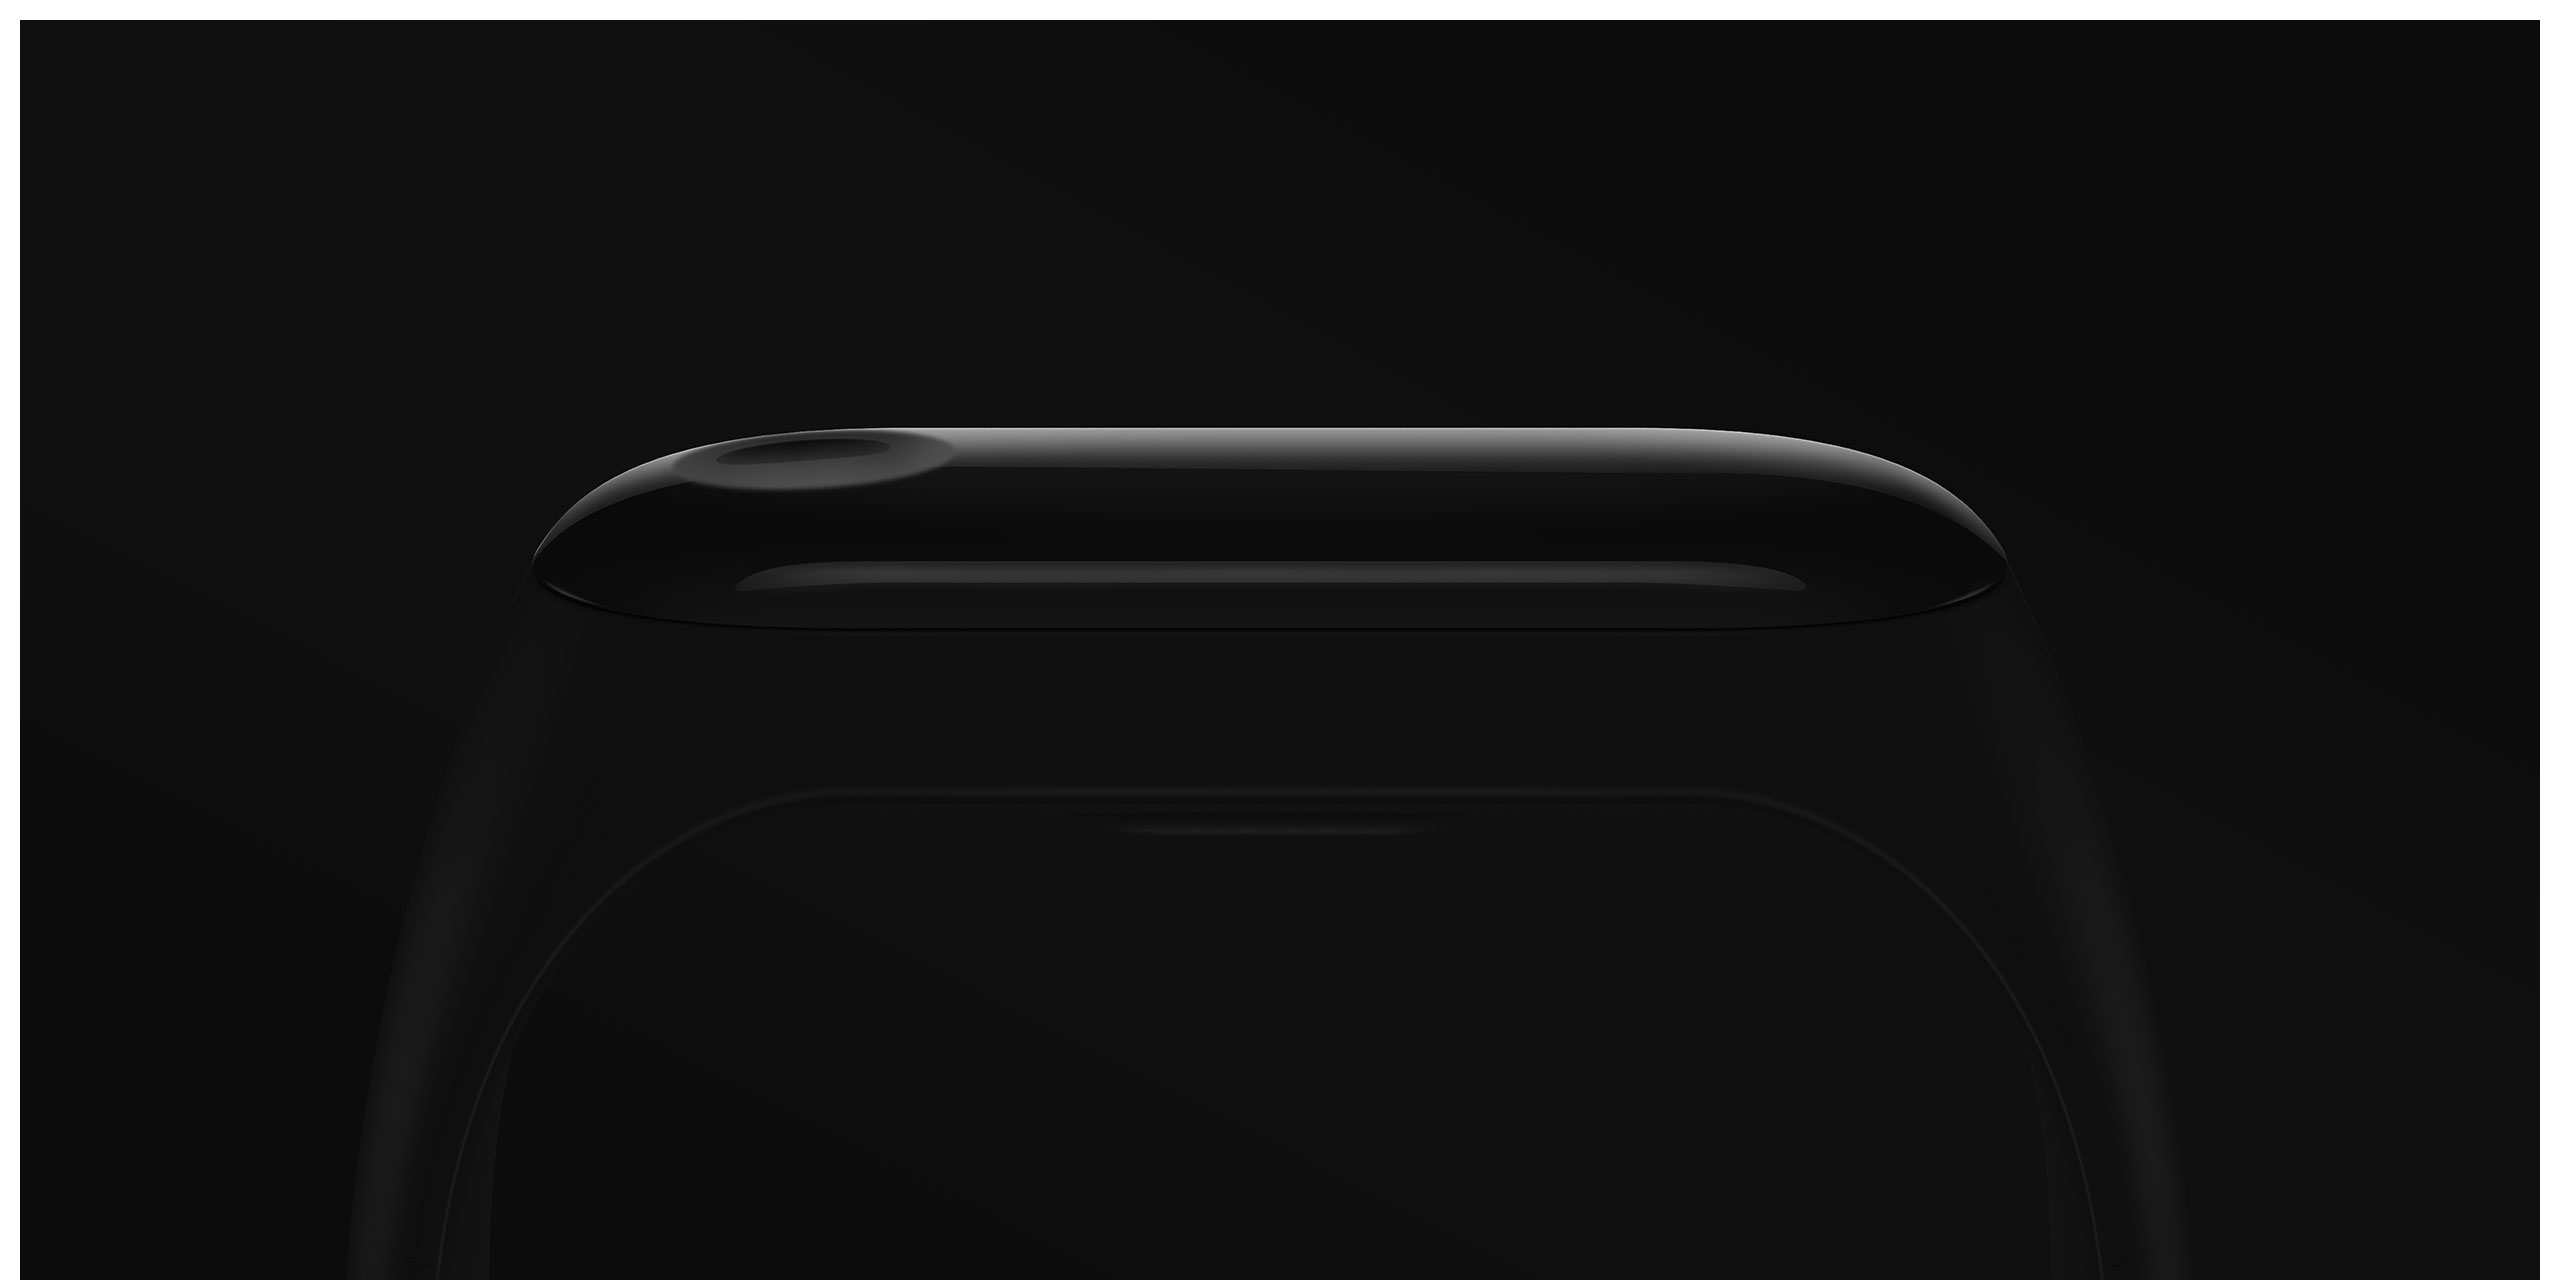 Xiaomi Mi Band 3 Caracter 237 Sticas Especificaciones Y